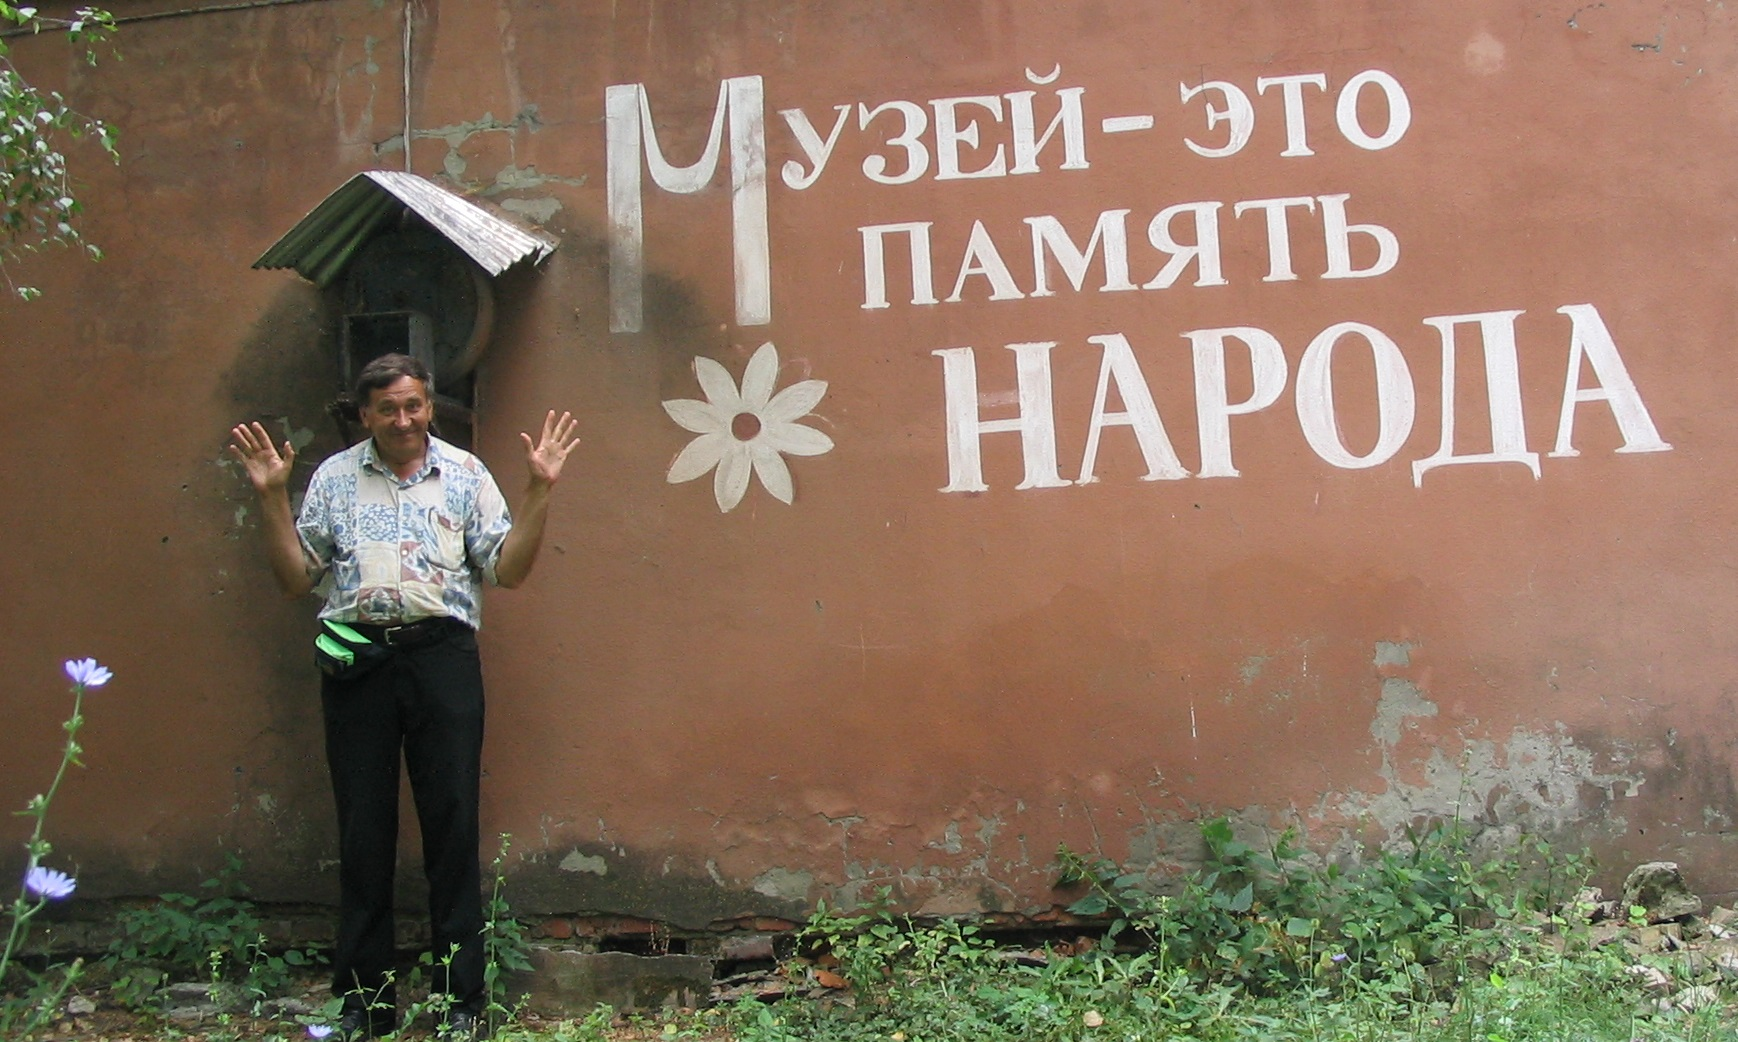 познакомиться с девушкой в тамбовской области